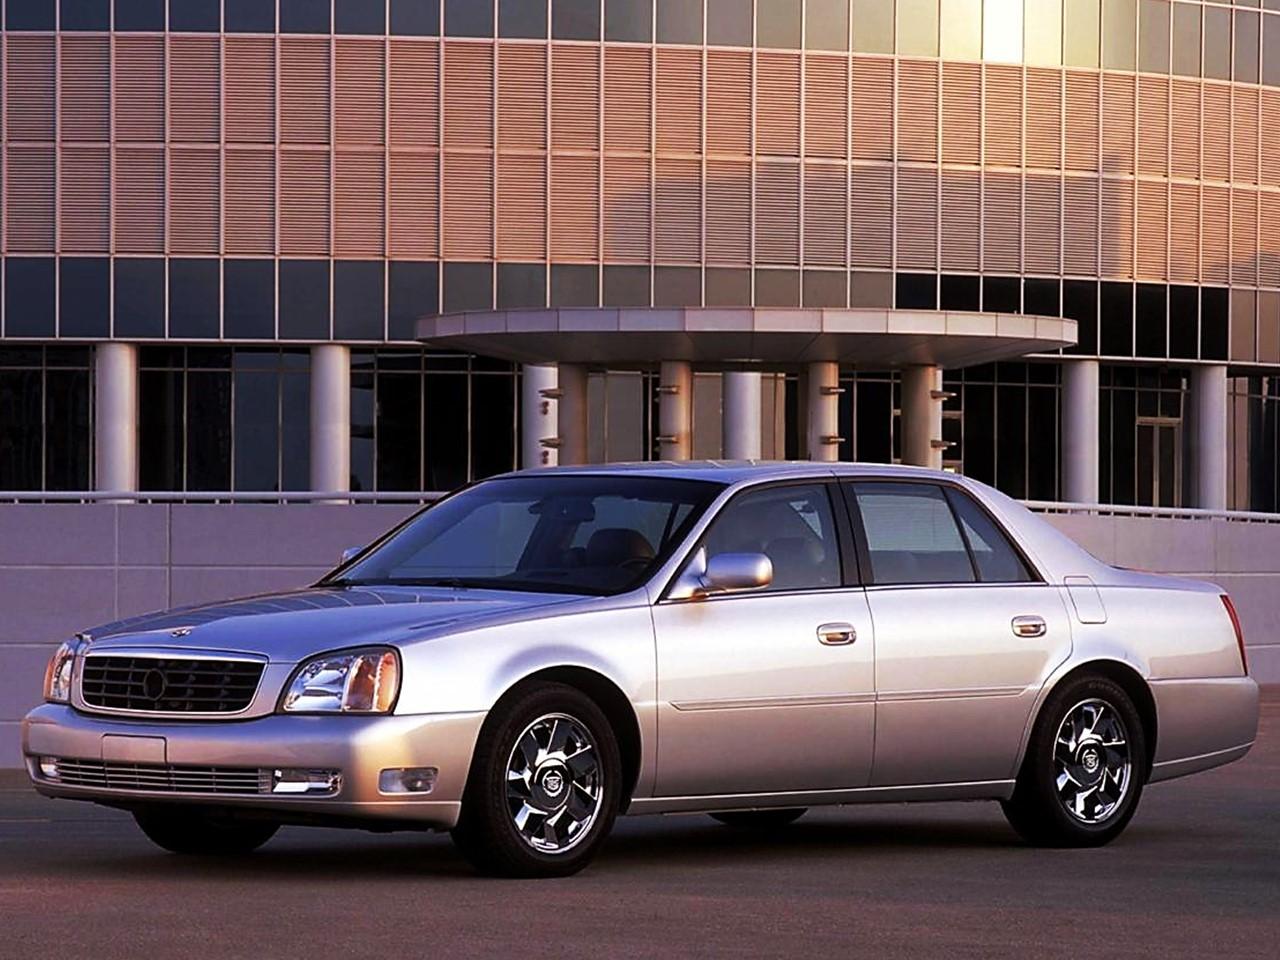 2002 Cadillac DTS 1